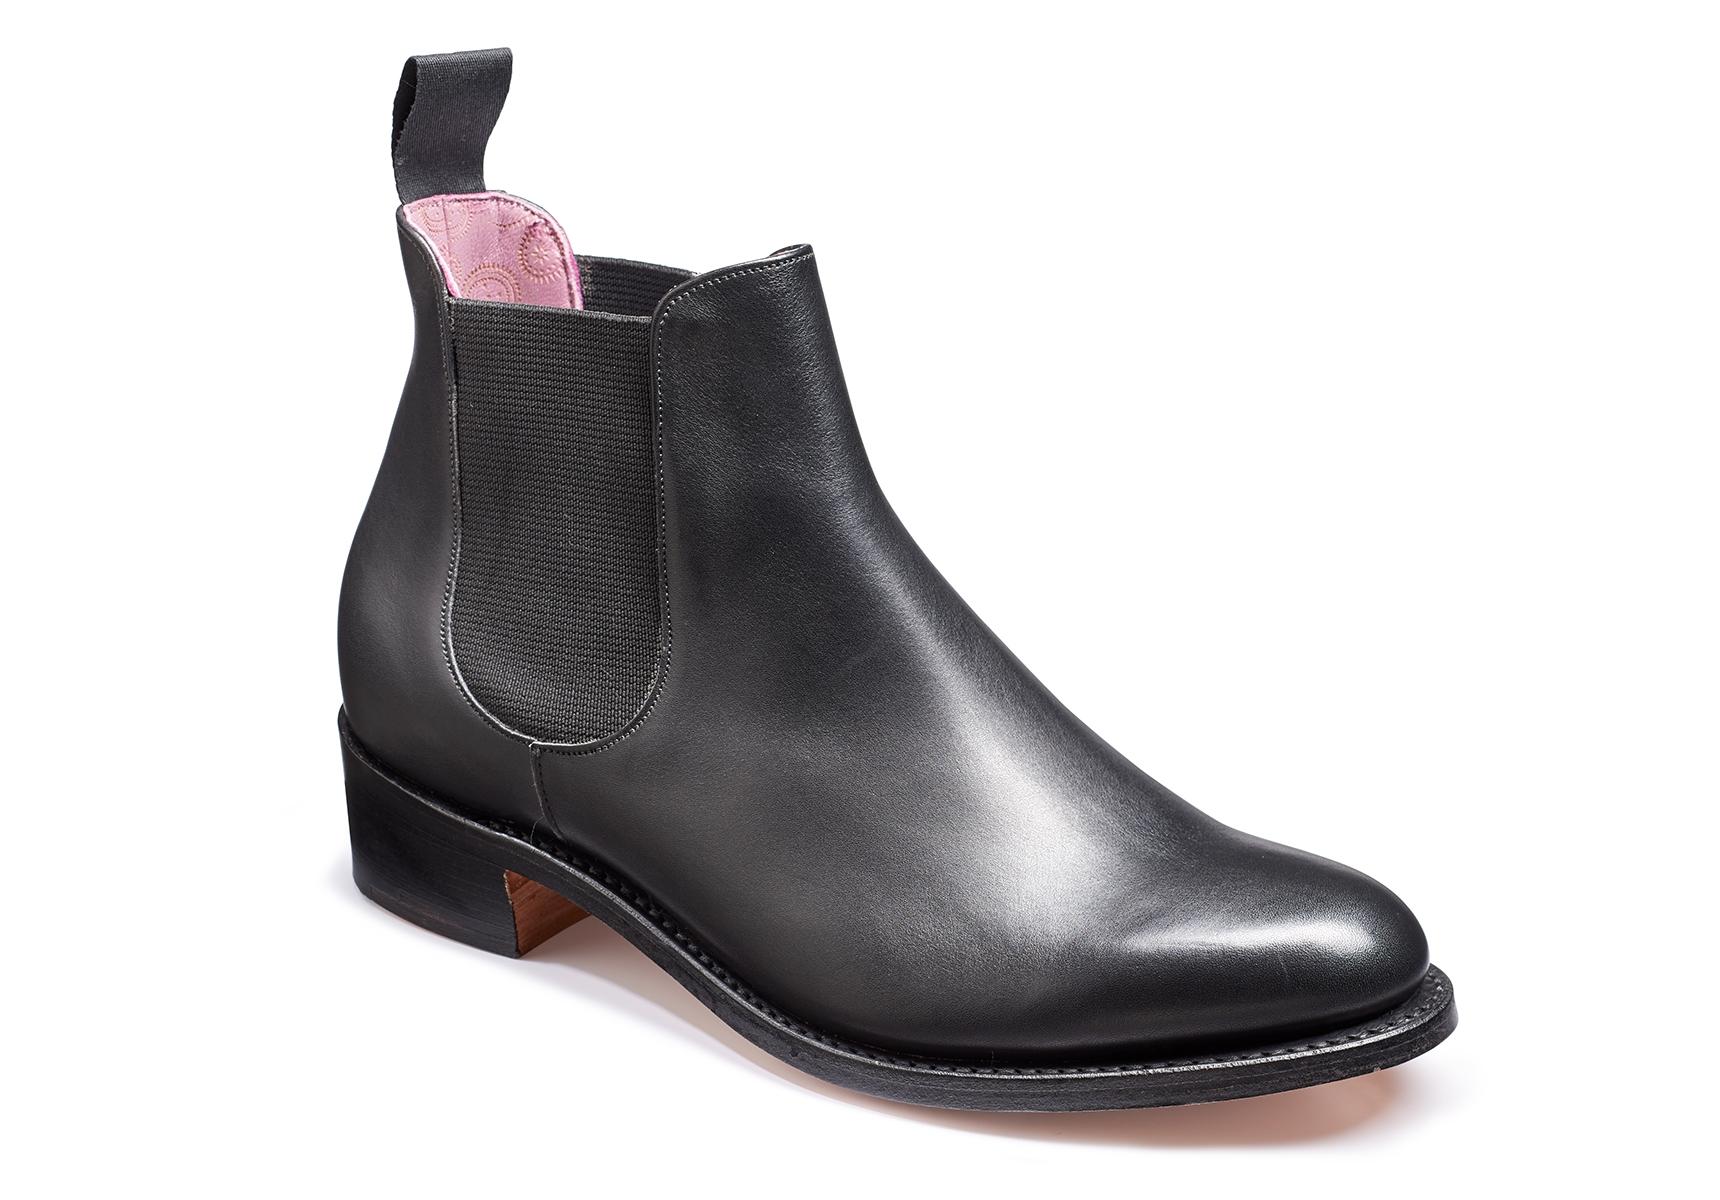 ec9aeb20d8758 Barker Violet Shoes for Women | Robinson's Shoes